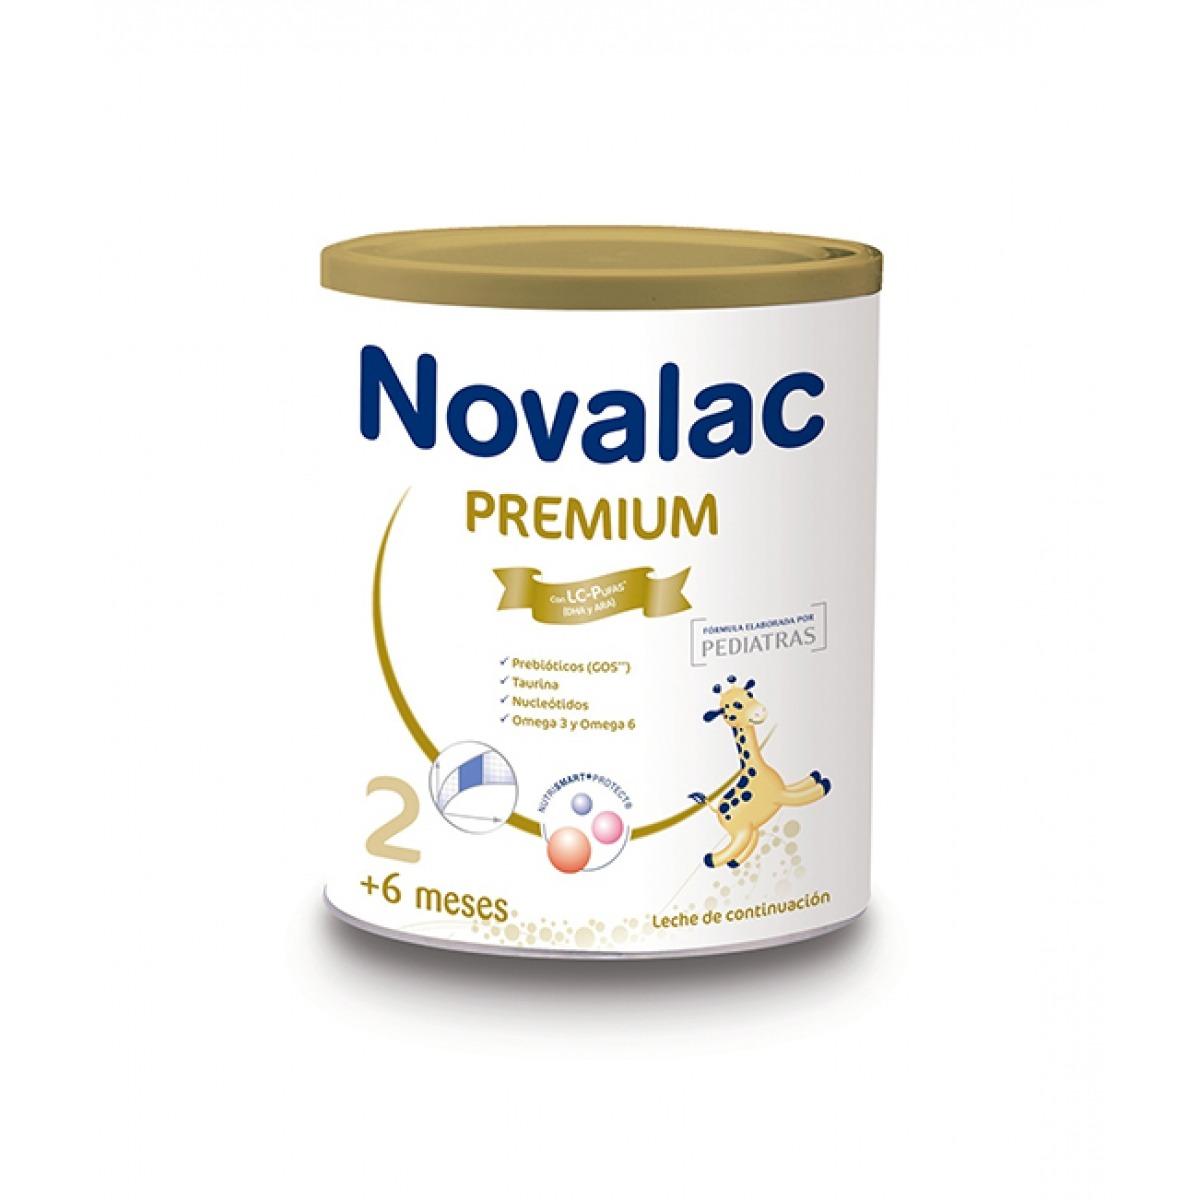 NOVALAC PREMIUM 2 LECHE DE CONTINUACIN 800 G.